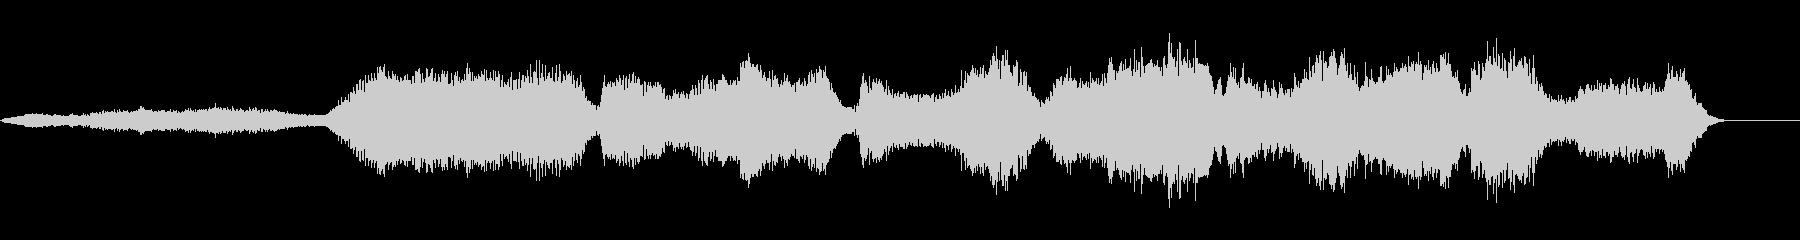 不気味・怖い雰囲気のBGMの未再生の波形